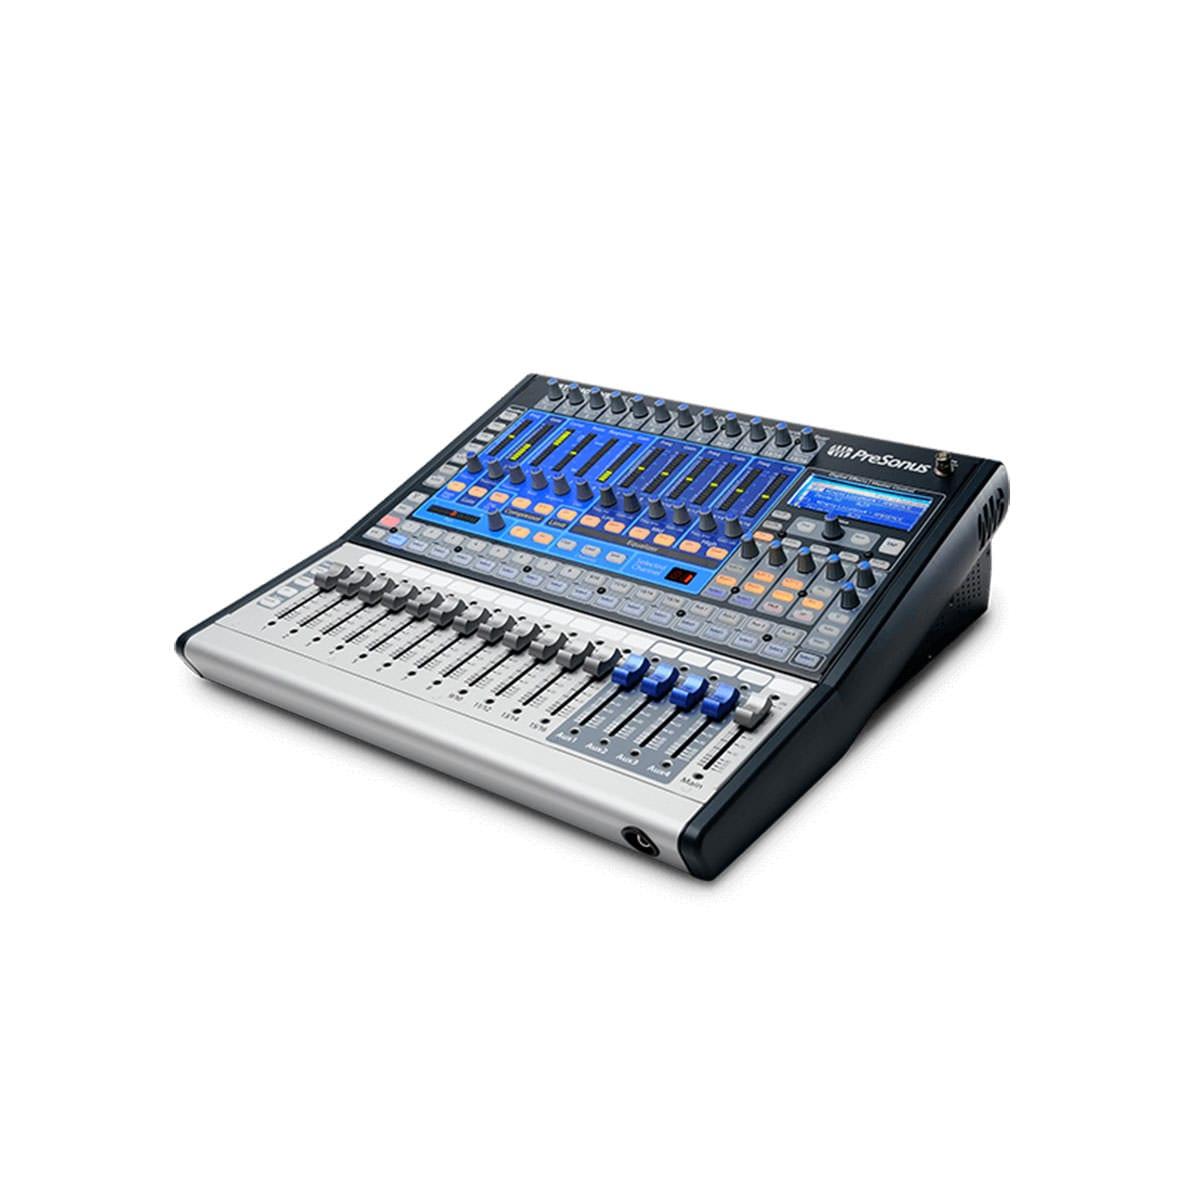 StudioLive 16.0.2 Digital Mixer